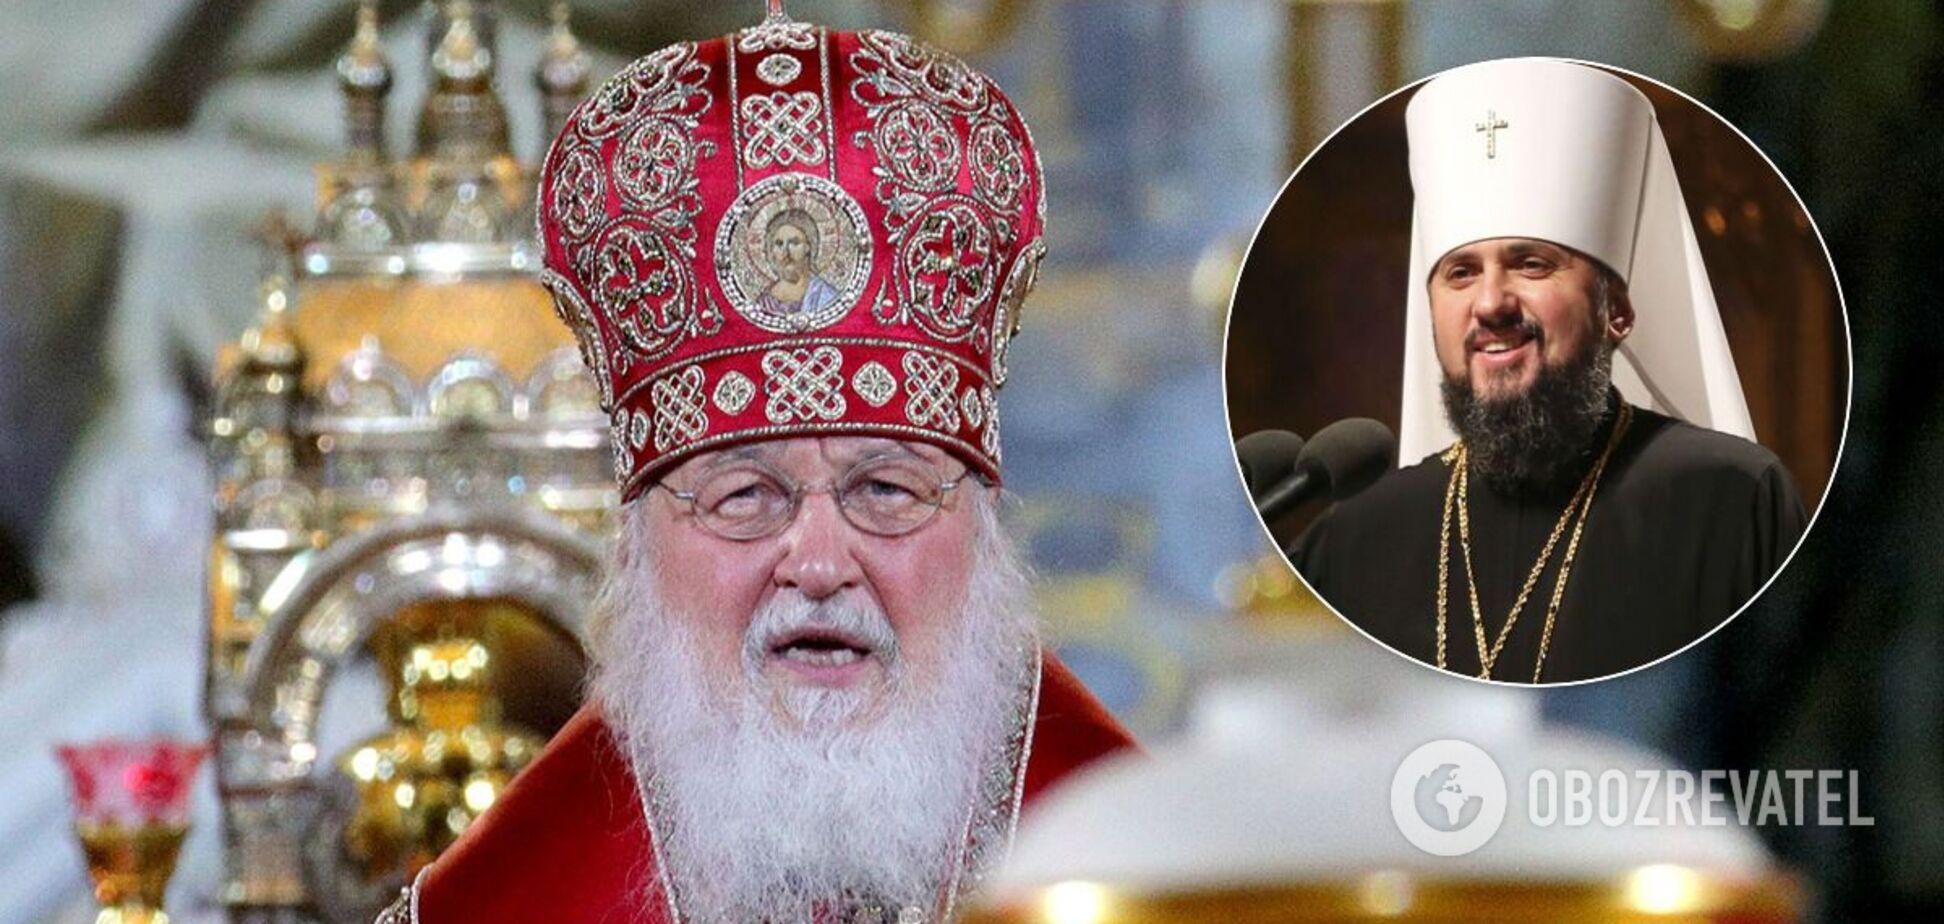 ПЦУ в 2021 году могут признать еще 2-4 поместных православных церкви, – Драбинко